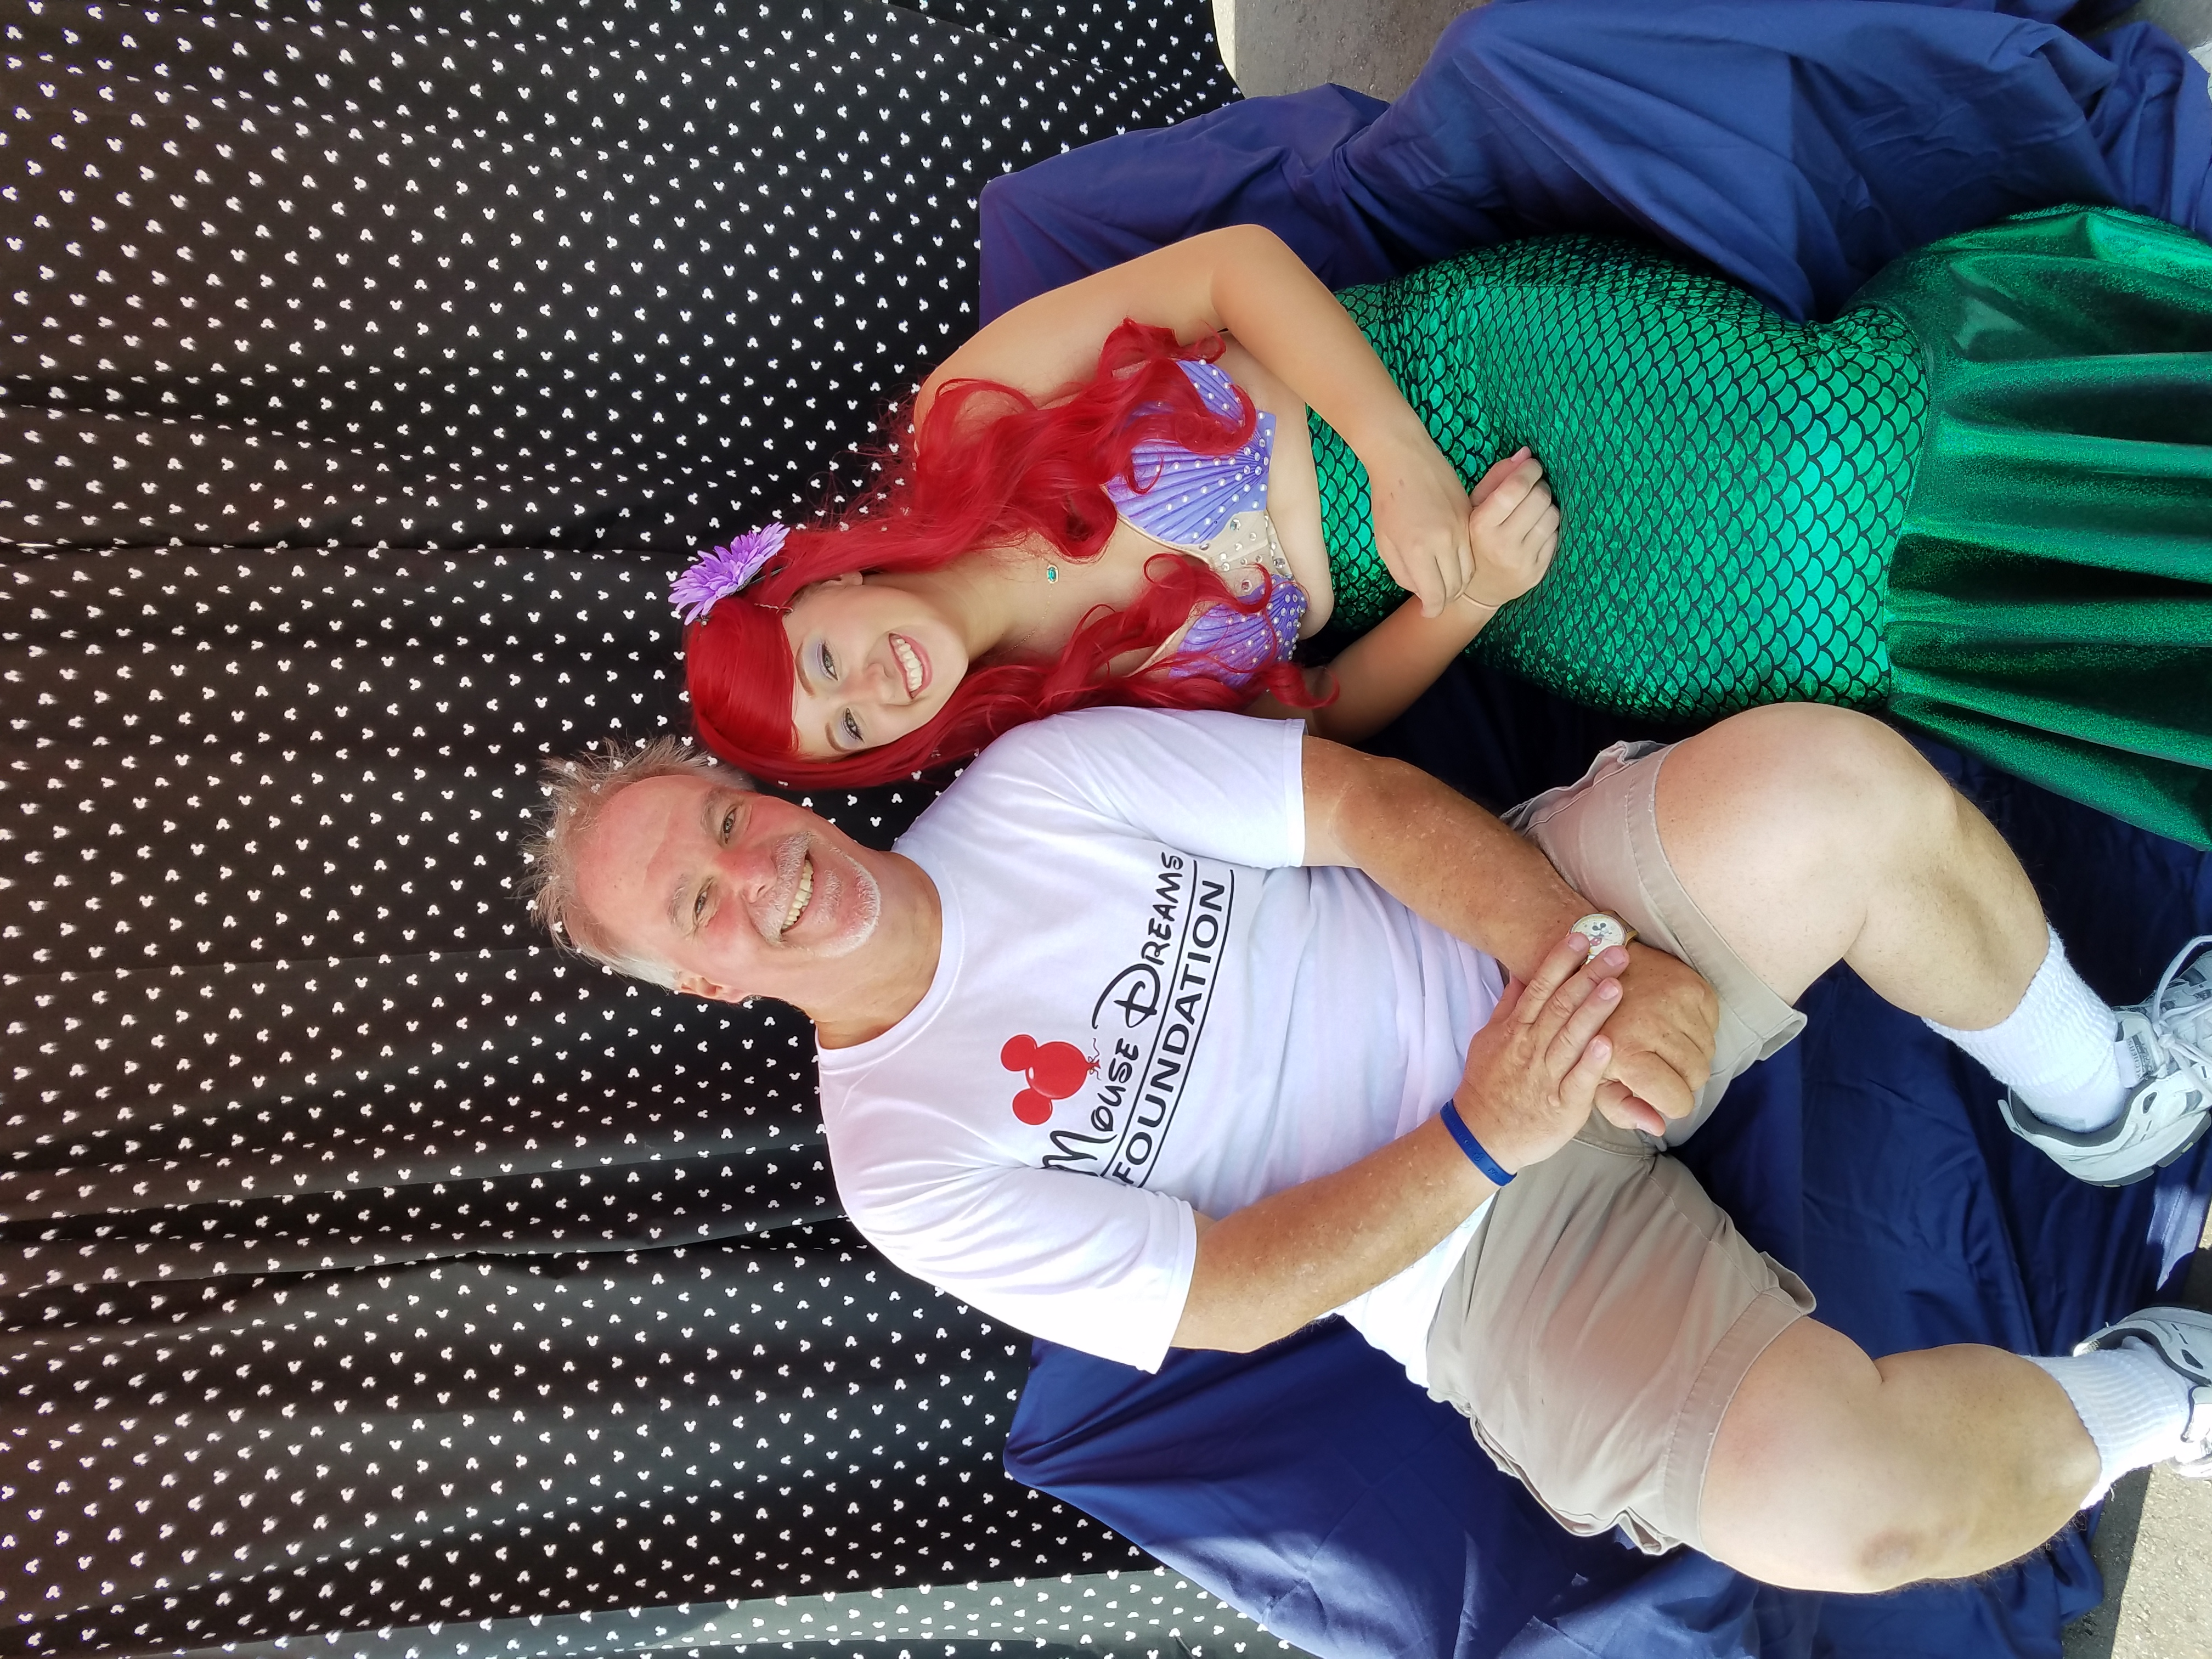 Mermaid & Scott